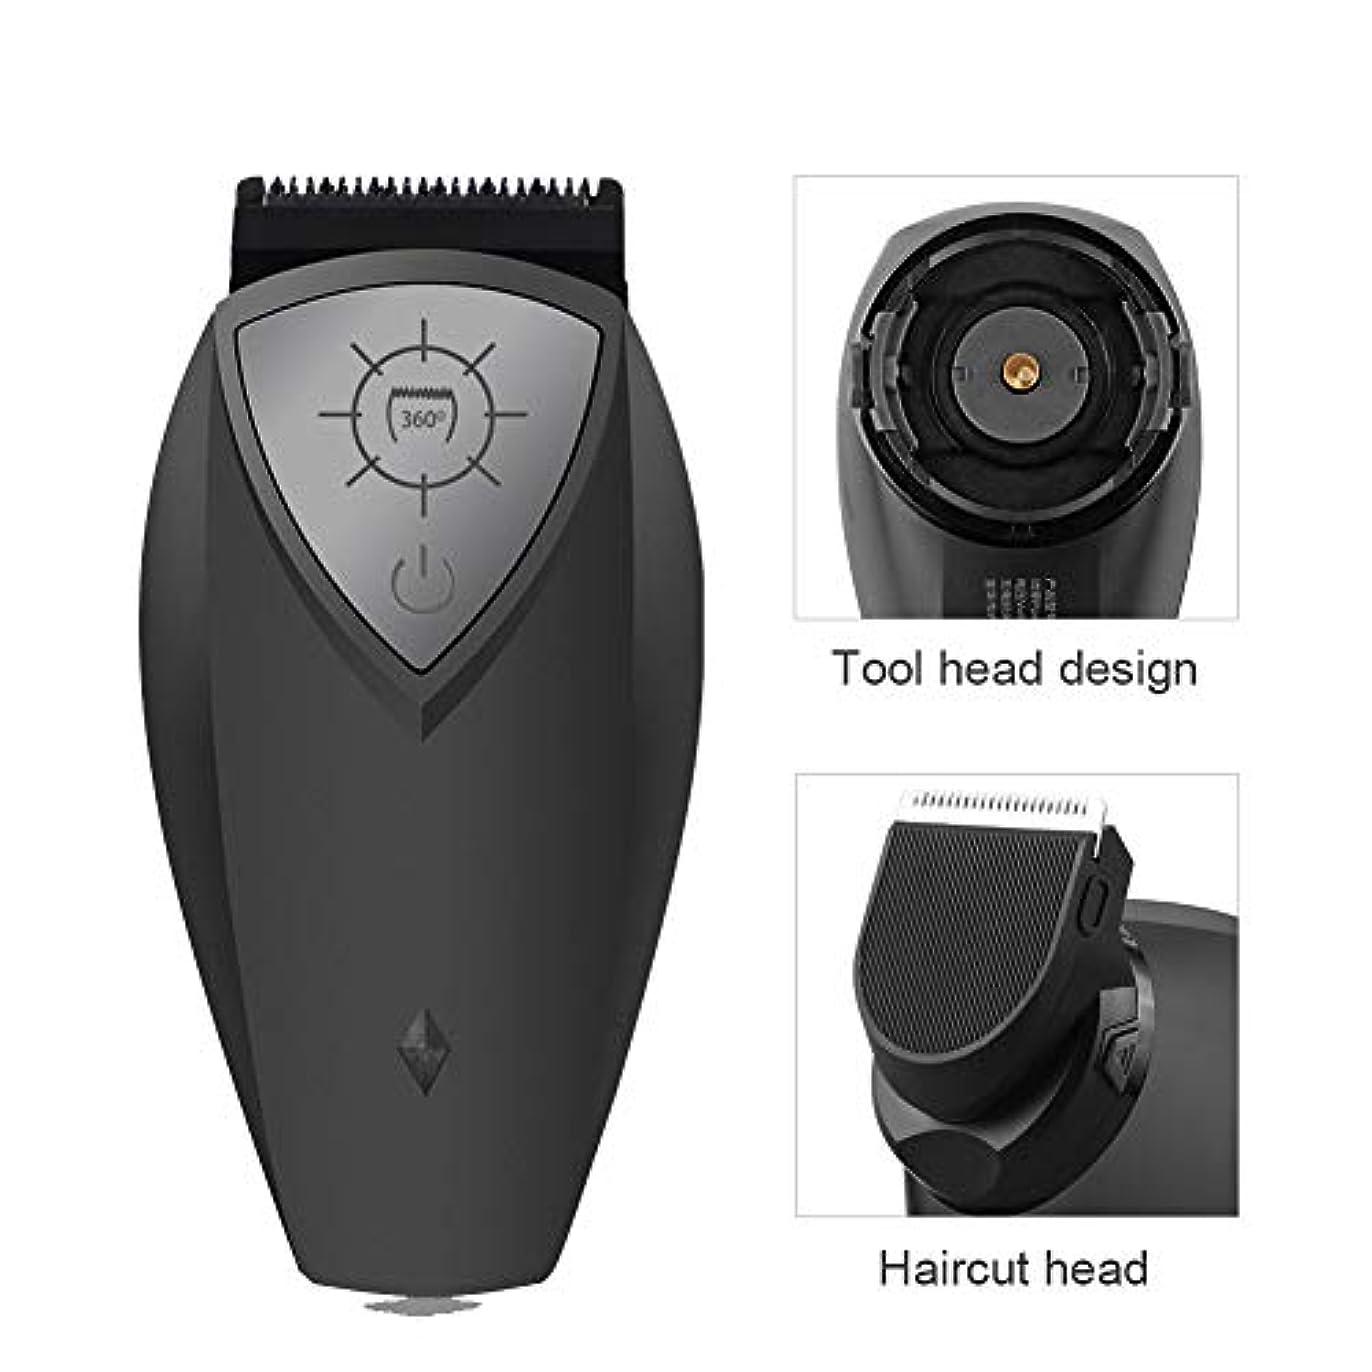 調整するお気に入りポジティブ男性用USB充電式シェーバーカミソリ、360度ロータリー充電式男性電気シェーバー本体ひげ毛トリマーカミソリ